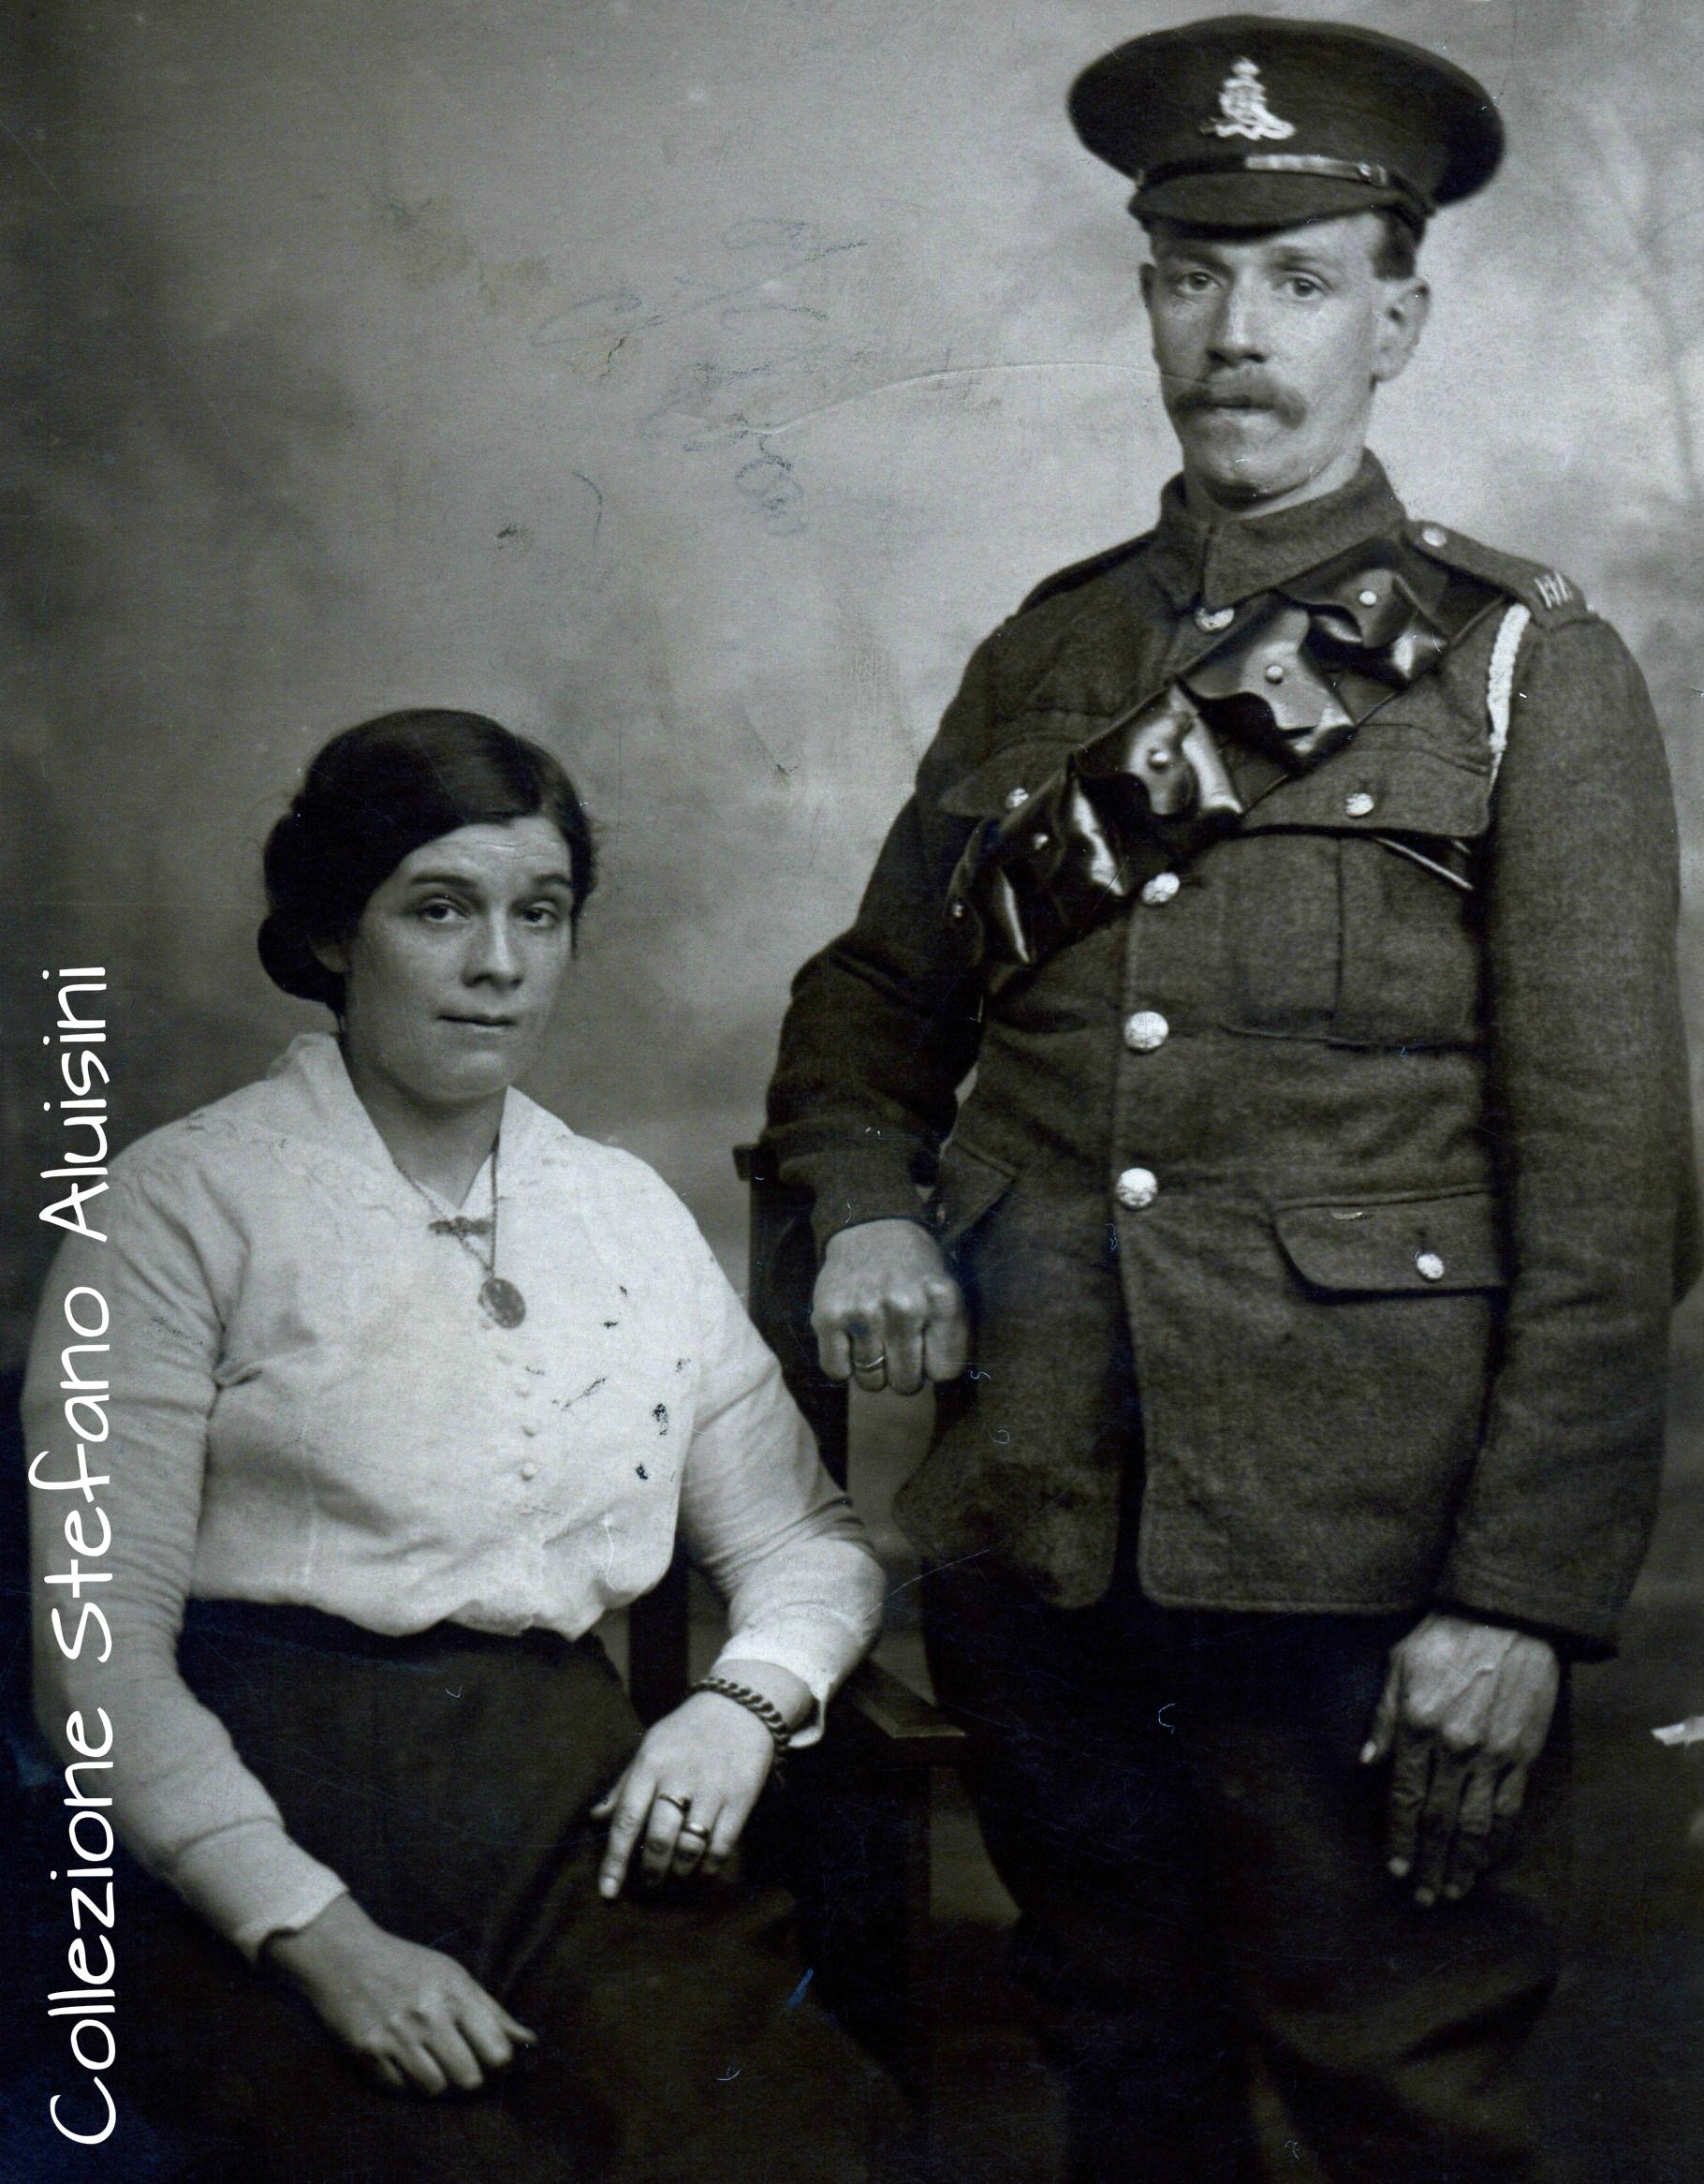 Sopra a destra: Artigliere Britannico ritratto con la moglie: fotografia proveniente dalla Gran Bretagna – probabilmente in servizio presso la Royal Horse Artillery a supporto della Yorkshire Mounted Brigade la cui batteria prestò servizio in Medio Oriente dal 1916 al 1918